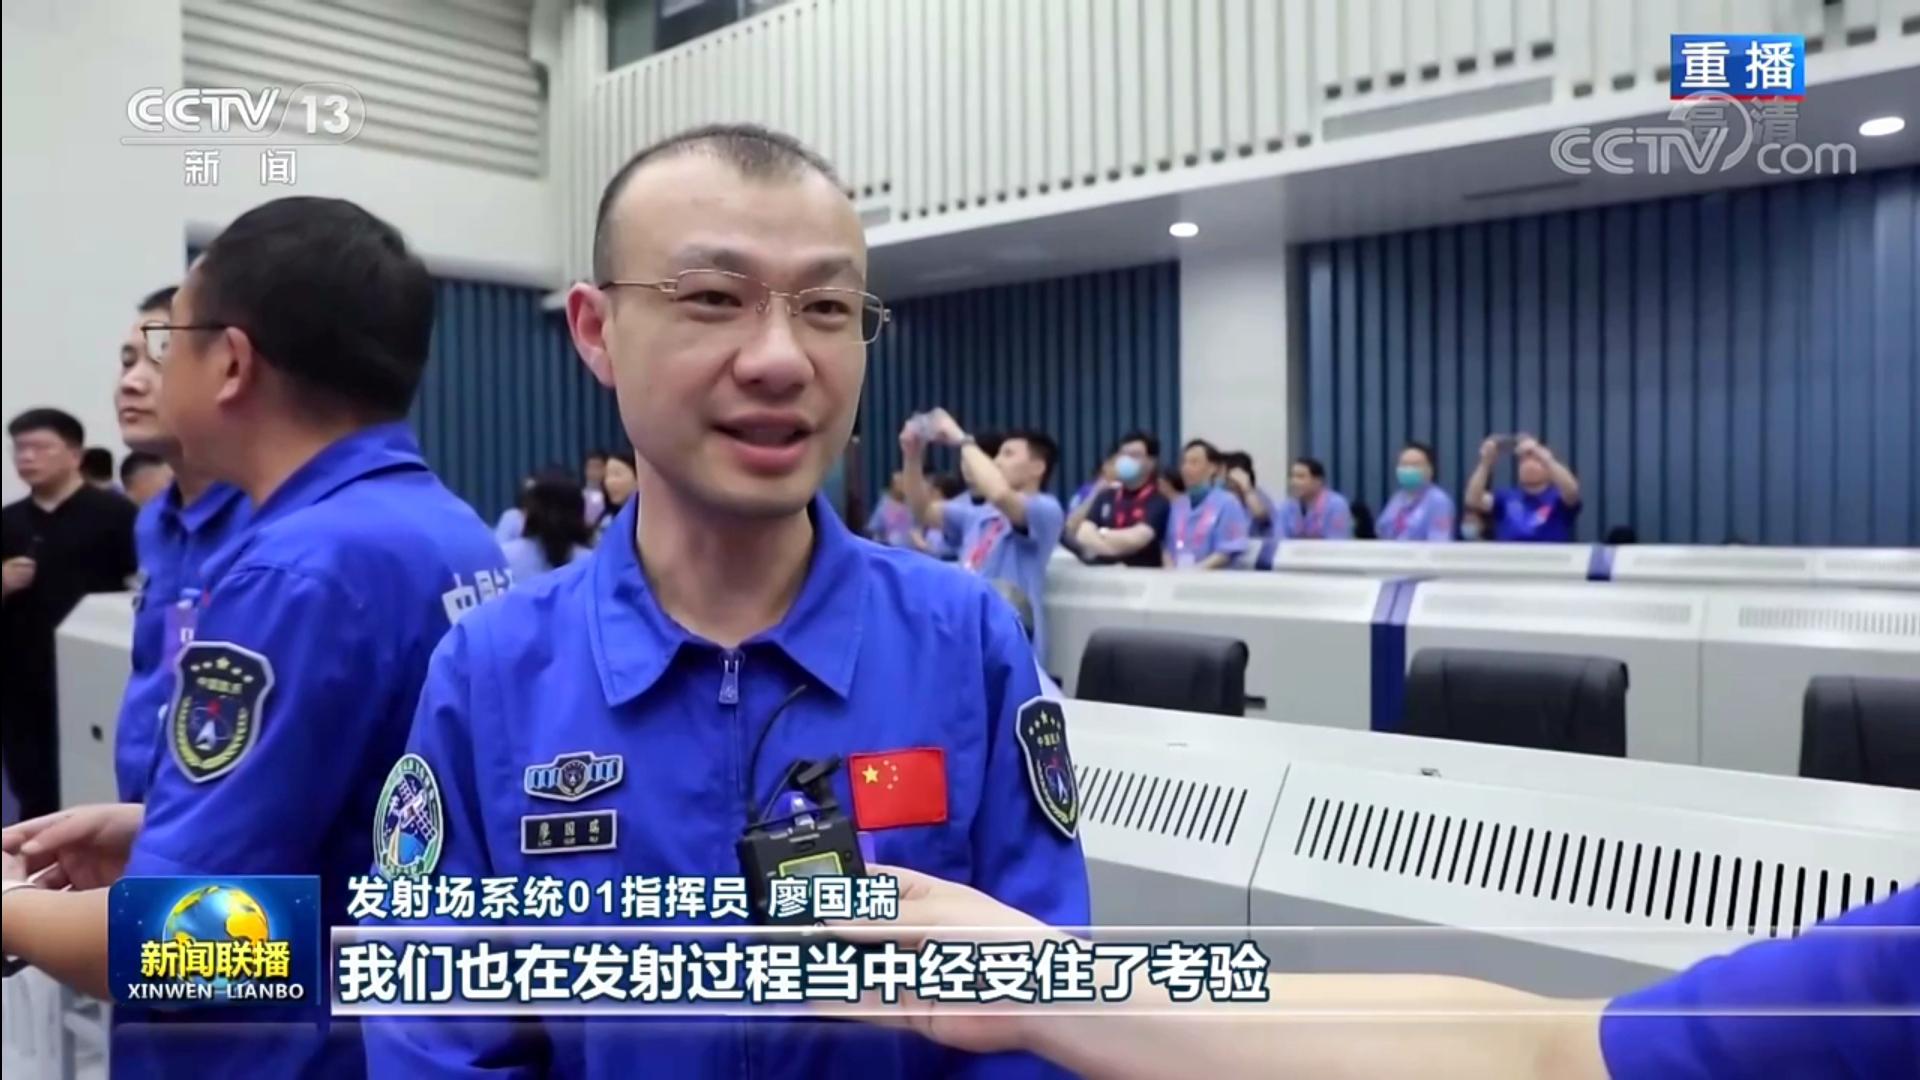 廖国瑞校友接受《新闻联播》记者采访